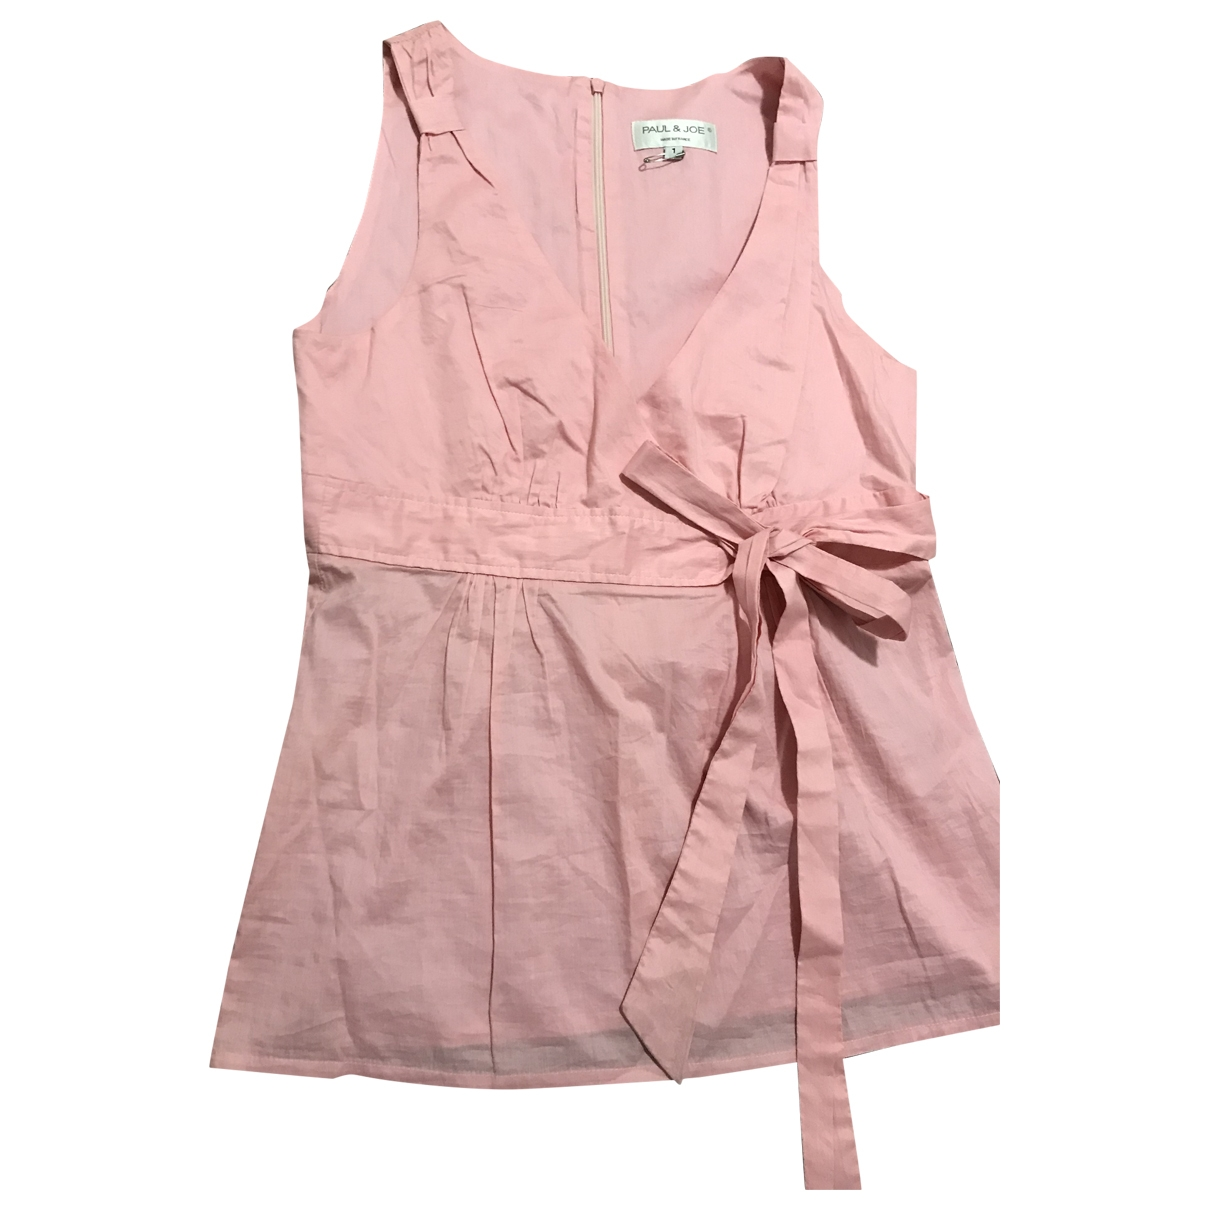 Paul & Joe - Top   pour femme en coton - rose